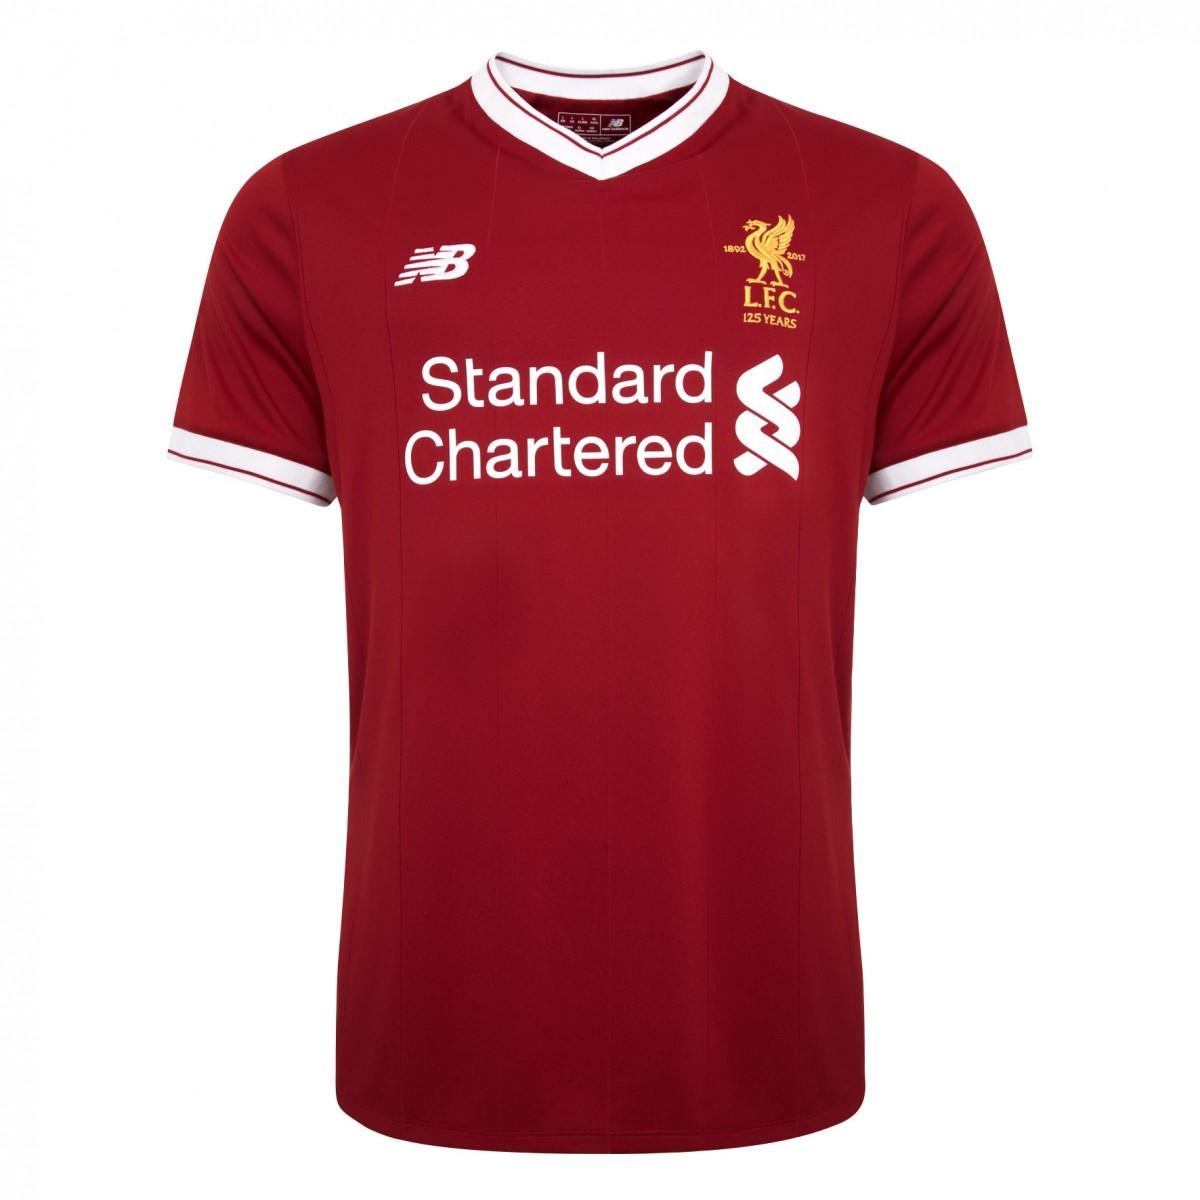 เสื้อลิเวอร์พูลทีมเหย้า 2017-2018 ของแท้ Liverpool Mens Replica Home Shirt 2017 2018